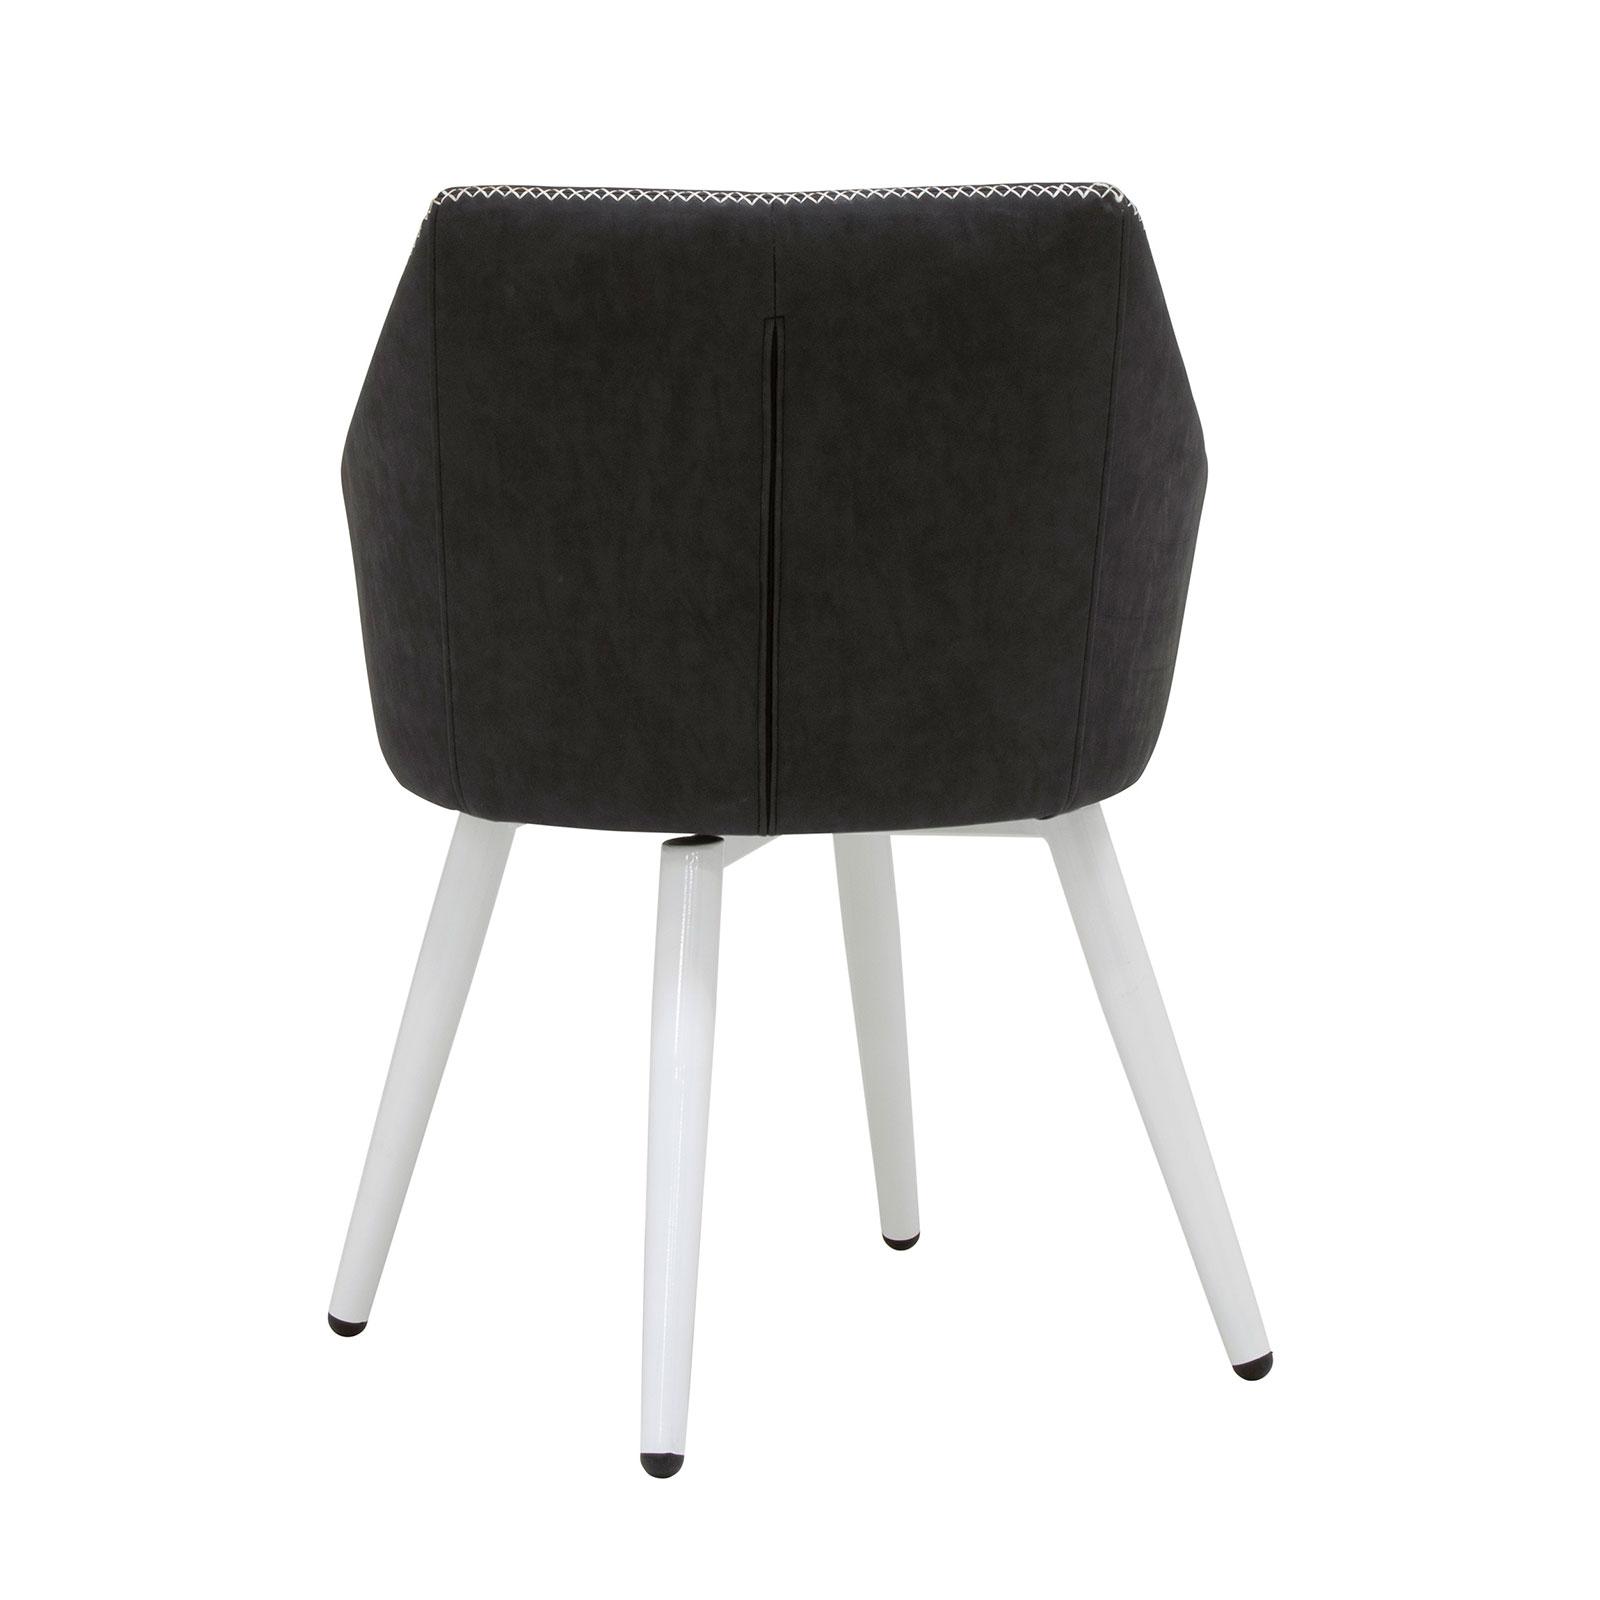 52004-Sydney-Office-Chair-rear